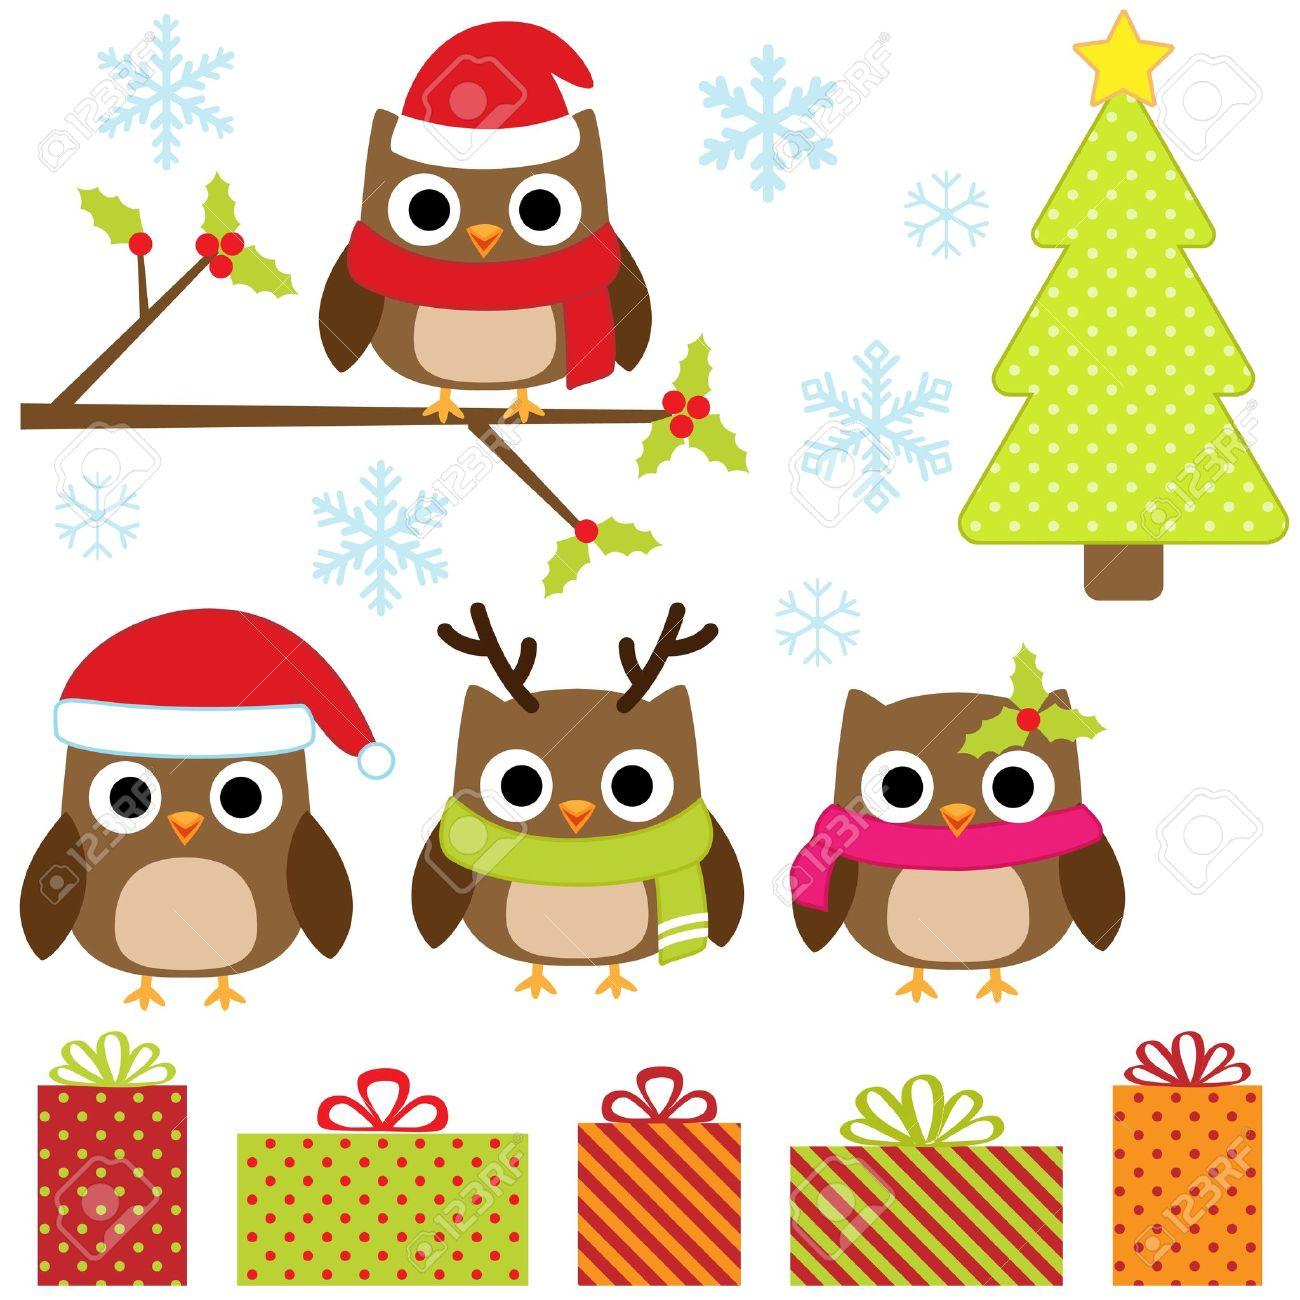 tarjeta navidad nios cute christmas vector conjunto con los buhos divertidos